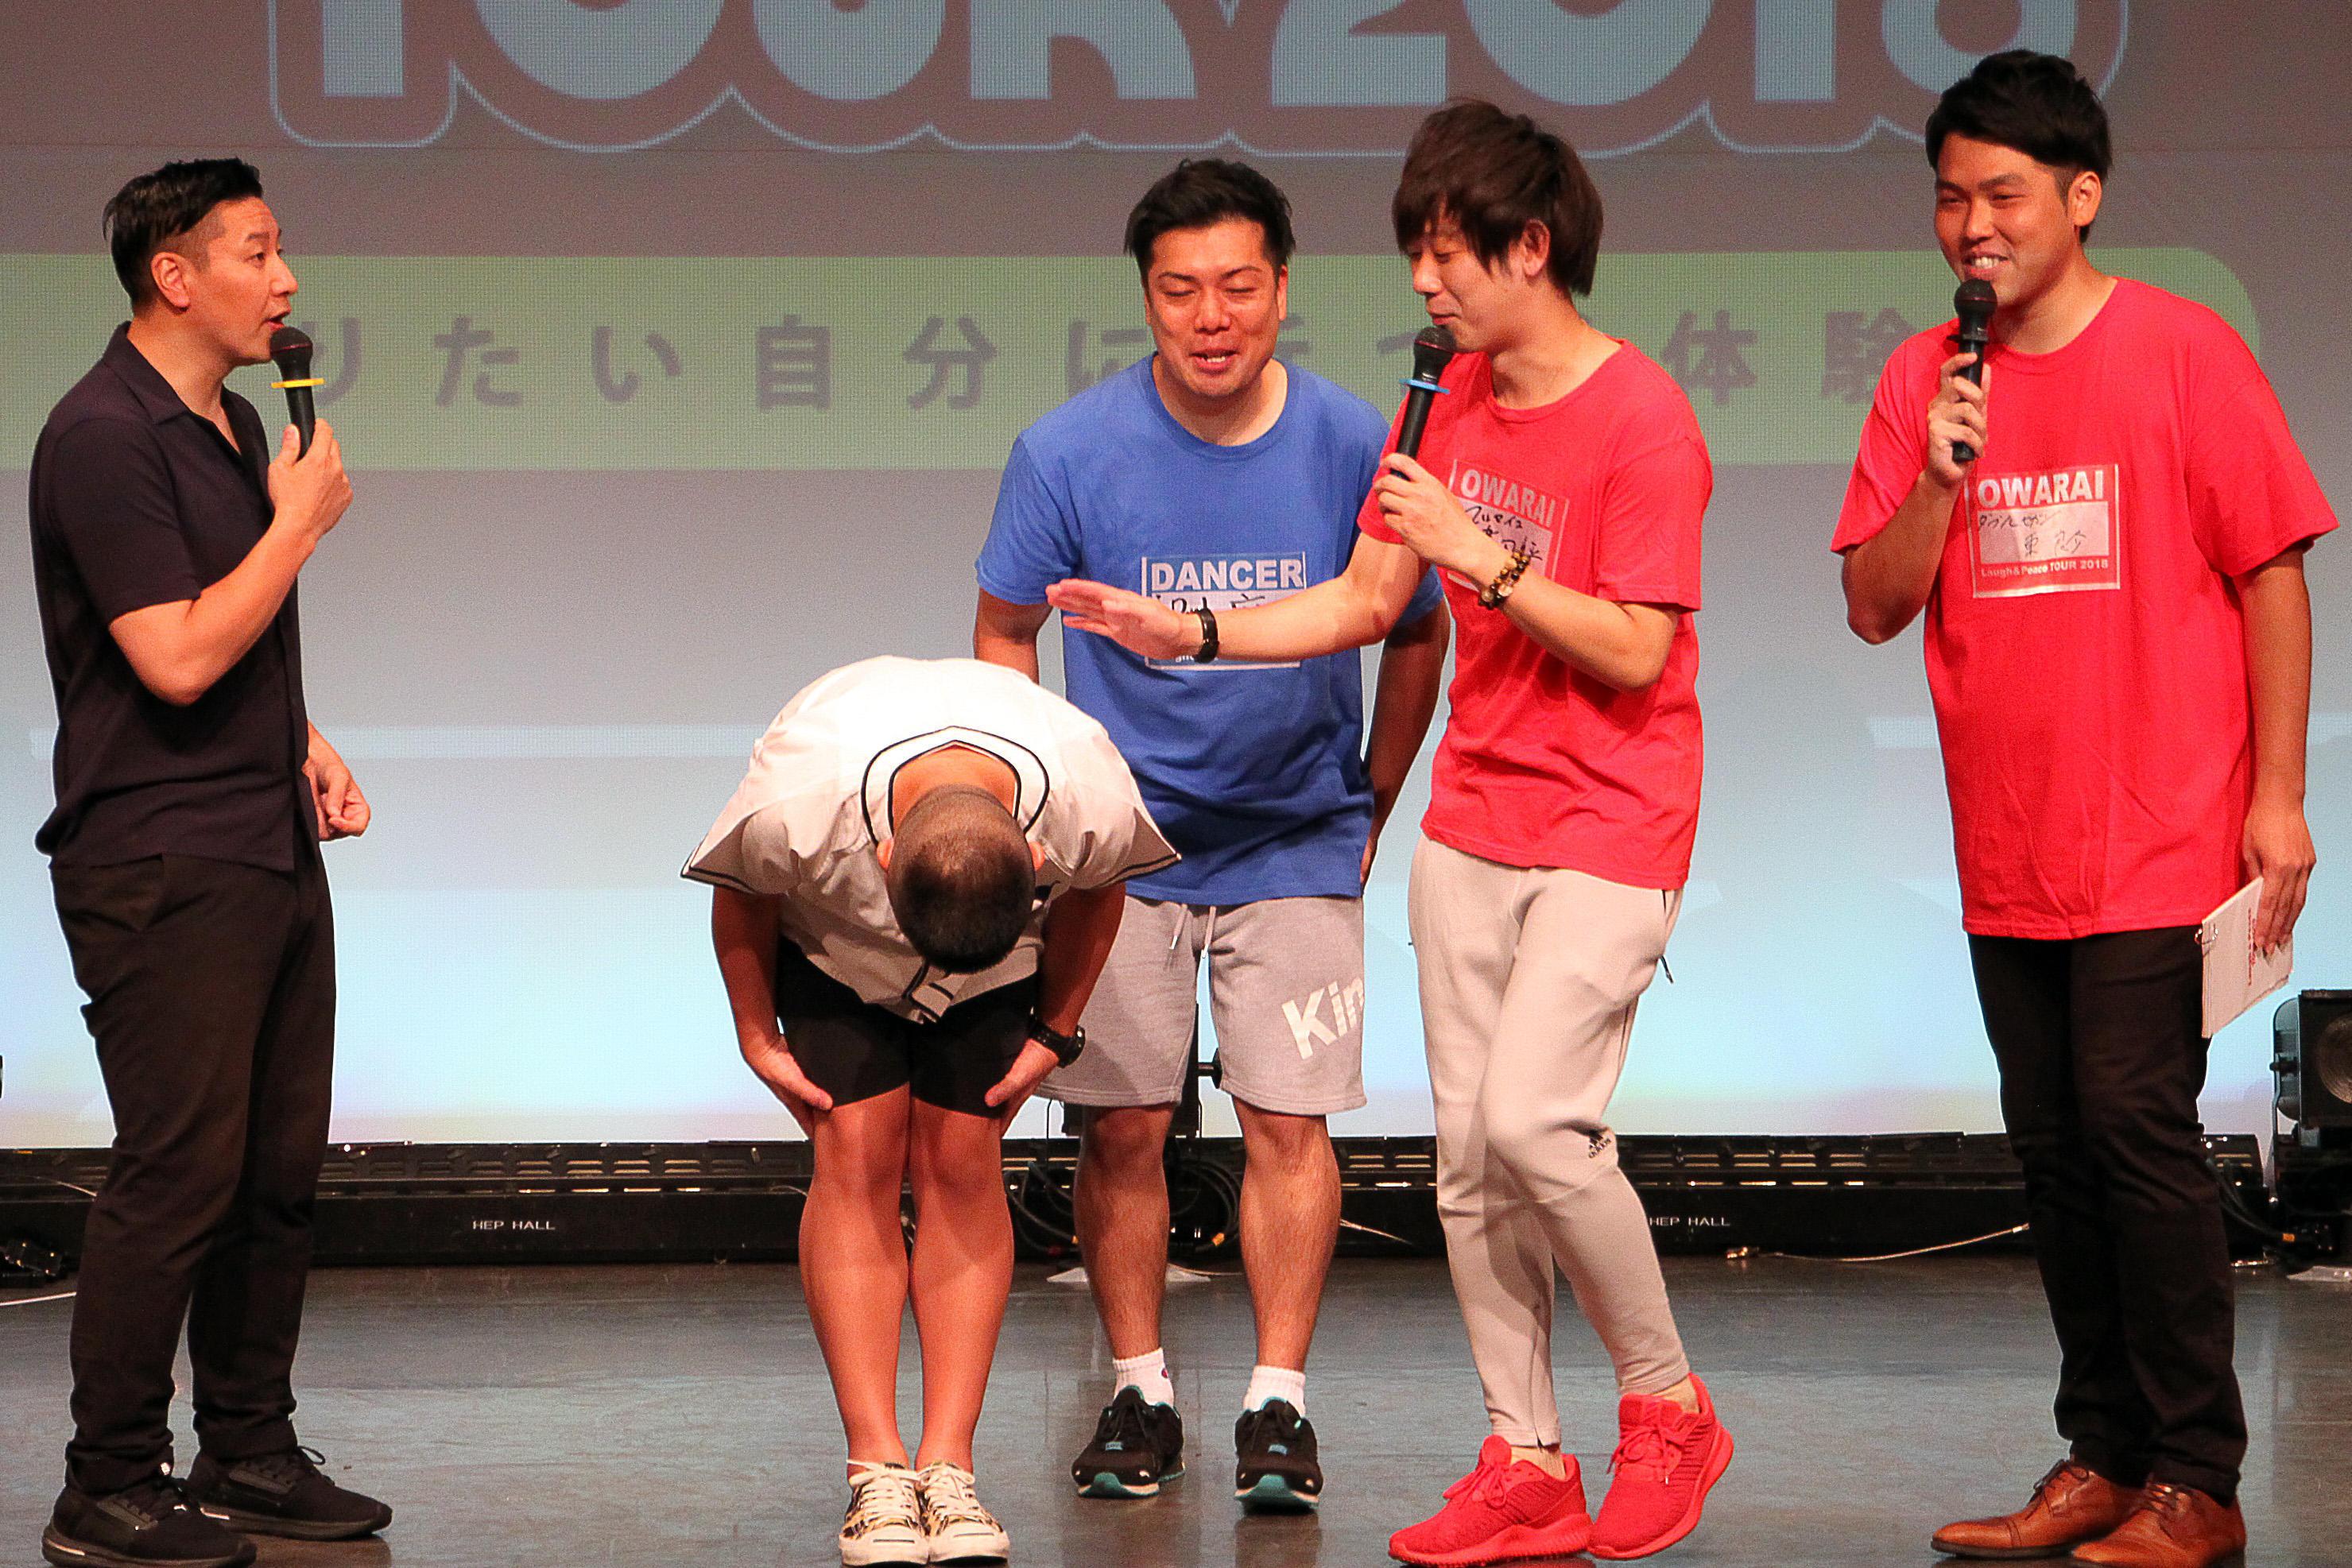 http://news.yoshimoto.co.jp/20180807152433-59f38e3c5e0df8ba4a1a454bc070fe49ea55b5ce.jpg